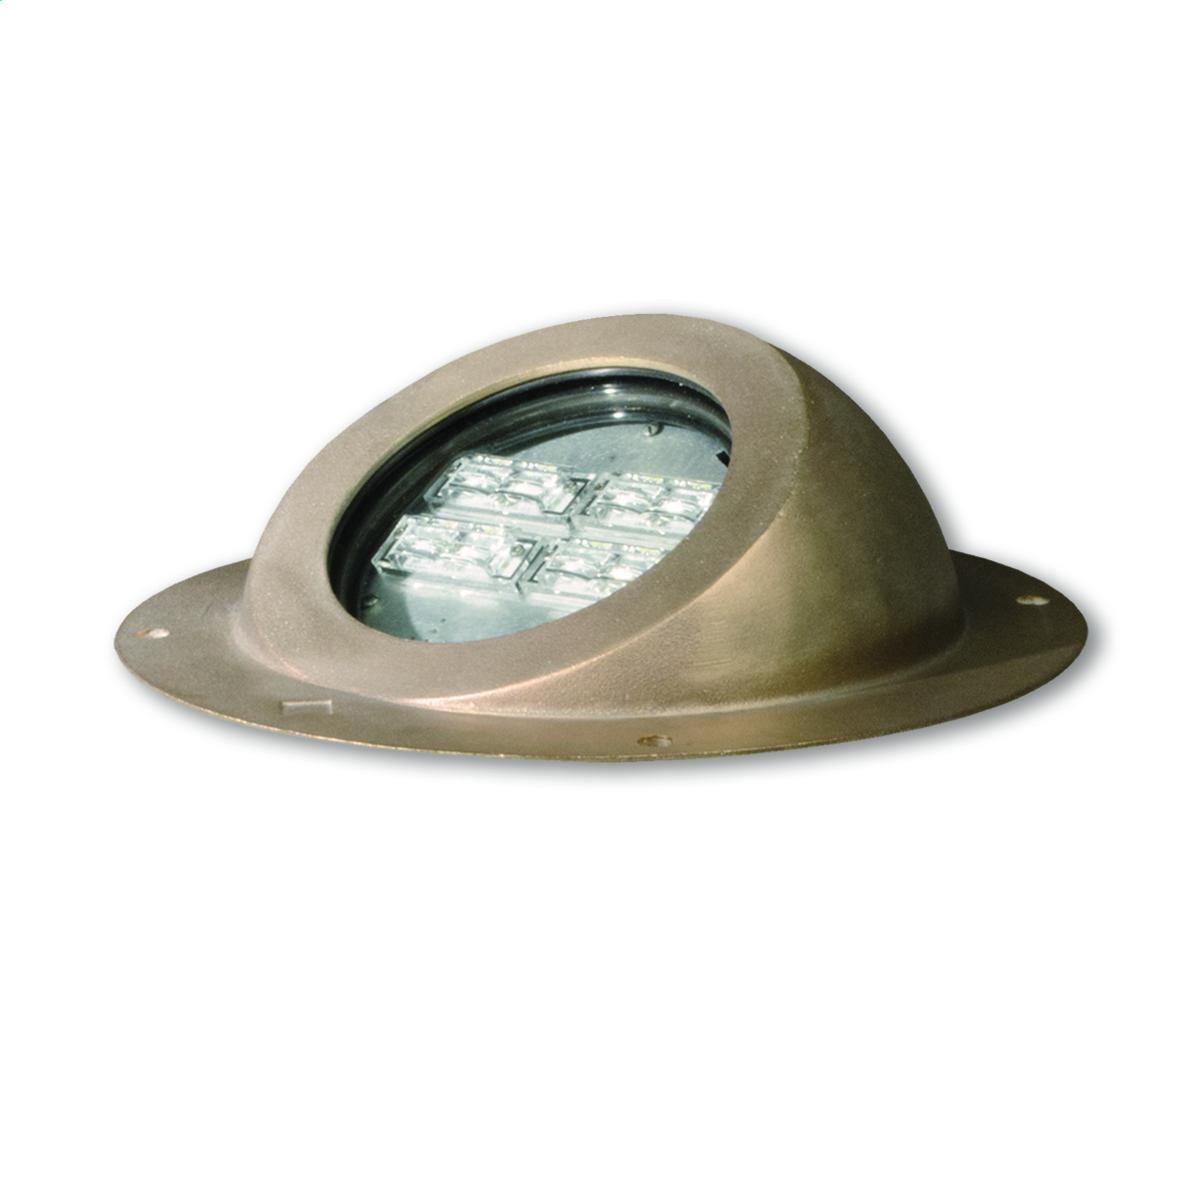 Lightvault 8 Eyeball Kim Lighting